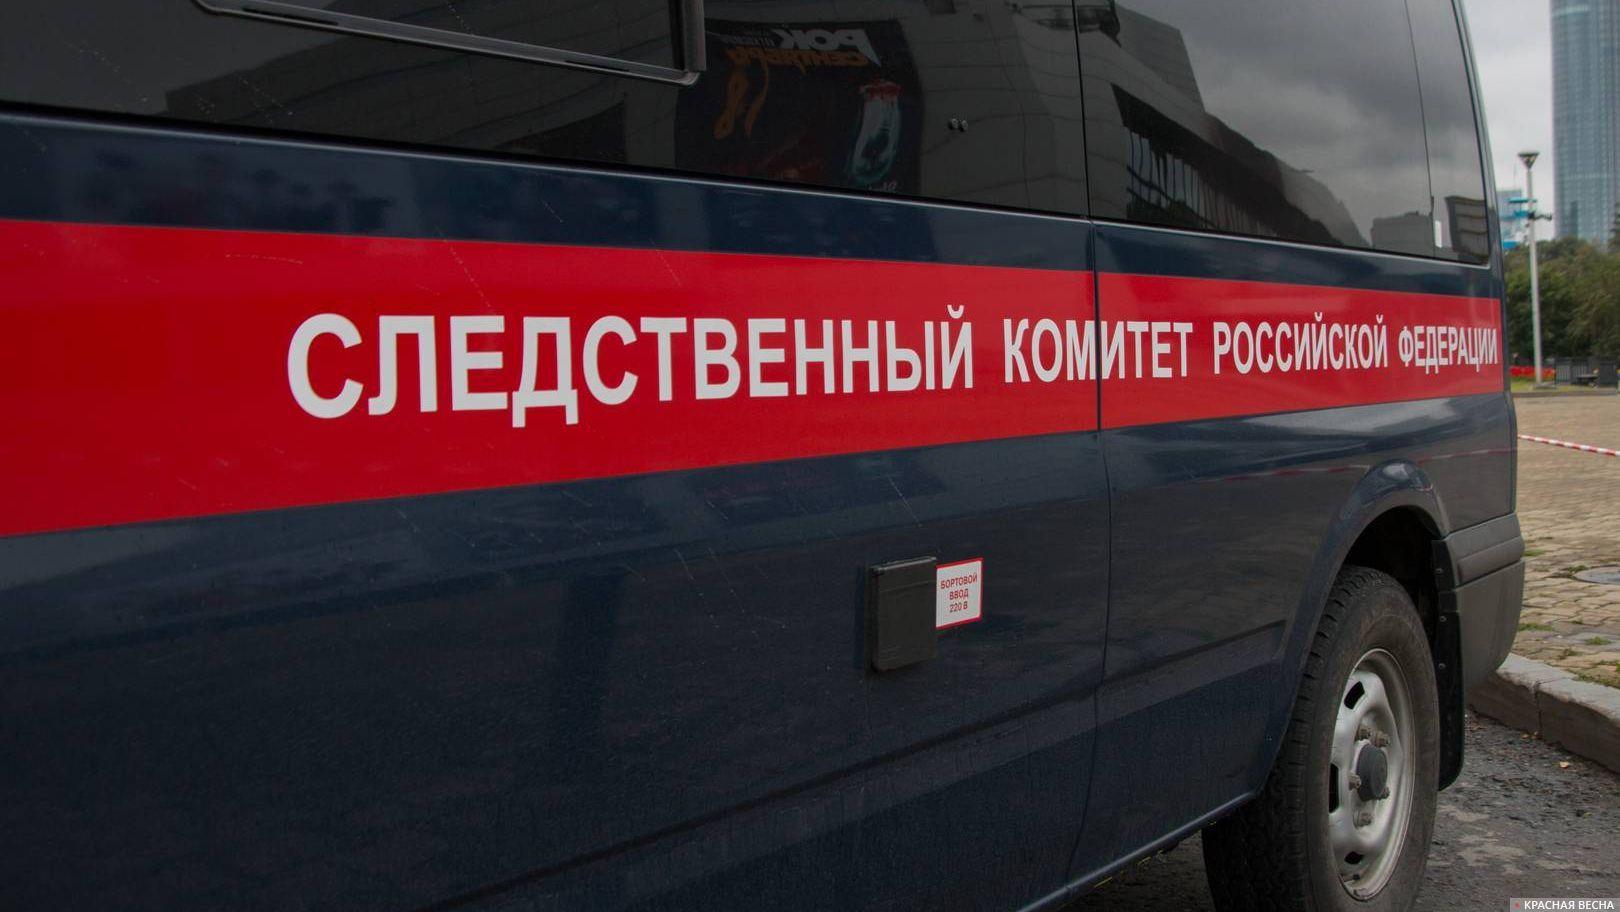 ВСК сообщили  оботсутствии криминальной подоплёки всмерти корреспондента  Бородина